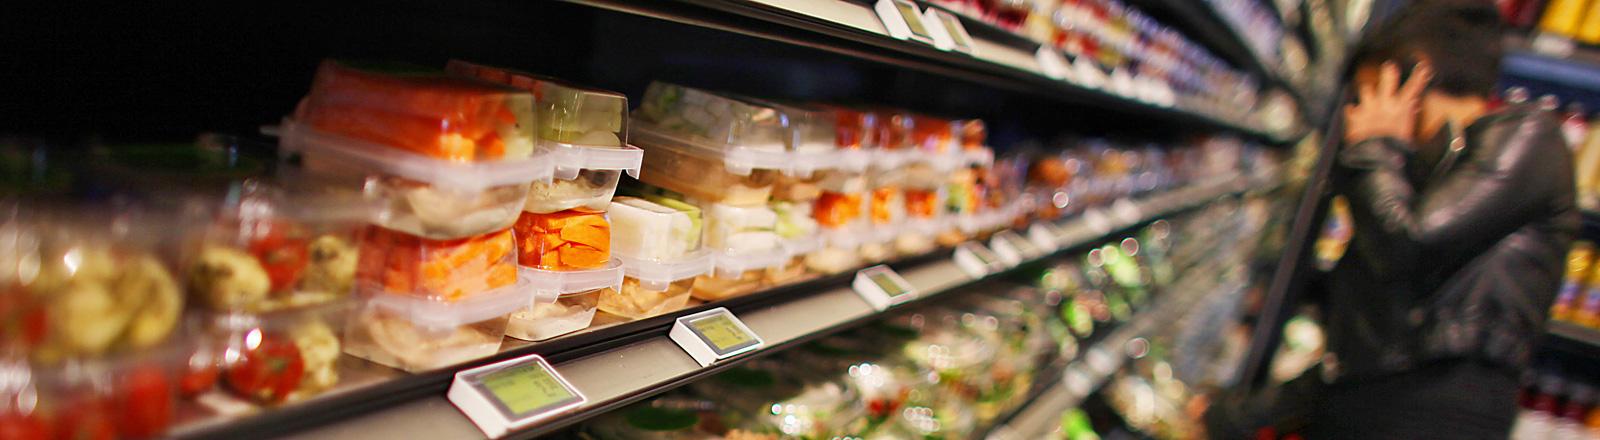 Ein Supermarktregal gefüllt mit Plastikbehältern mit Gemüse. Rechts im Bild steht eine Person, unscharf zu erkennen; Bild: dpa